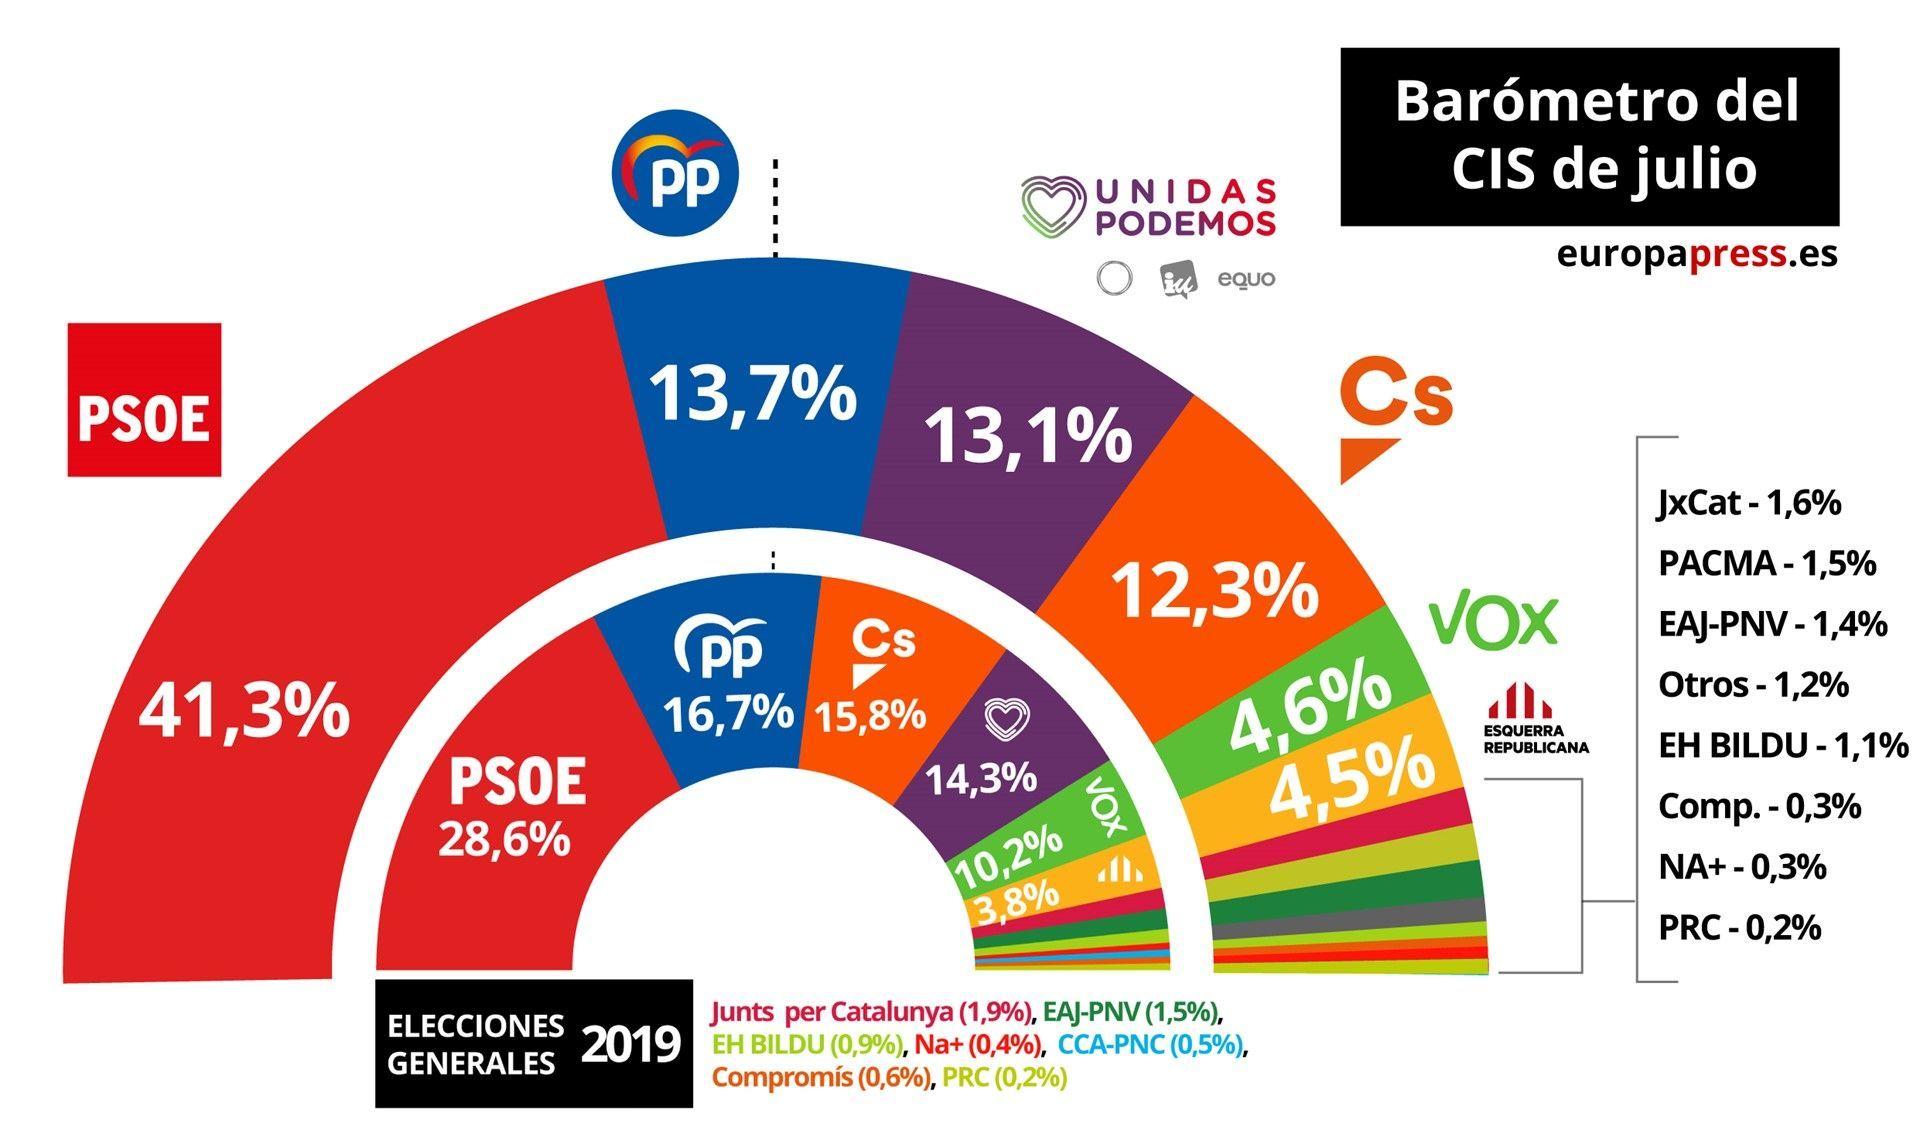 El CIS sitúa al PSOE con el 41,3% en intención de voto